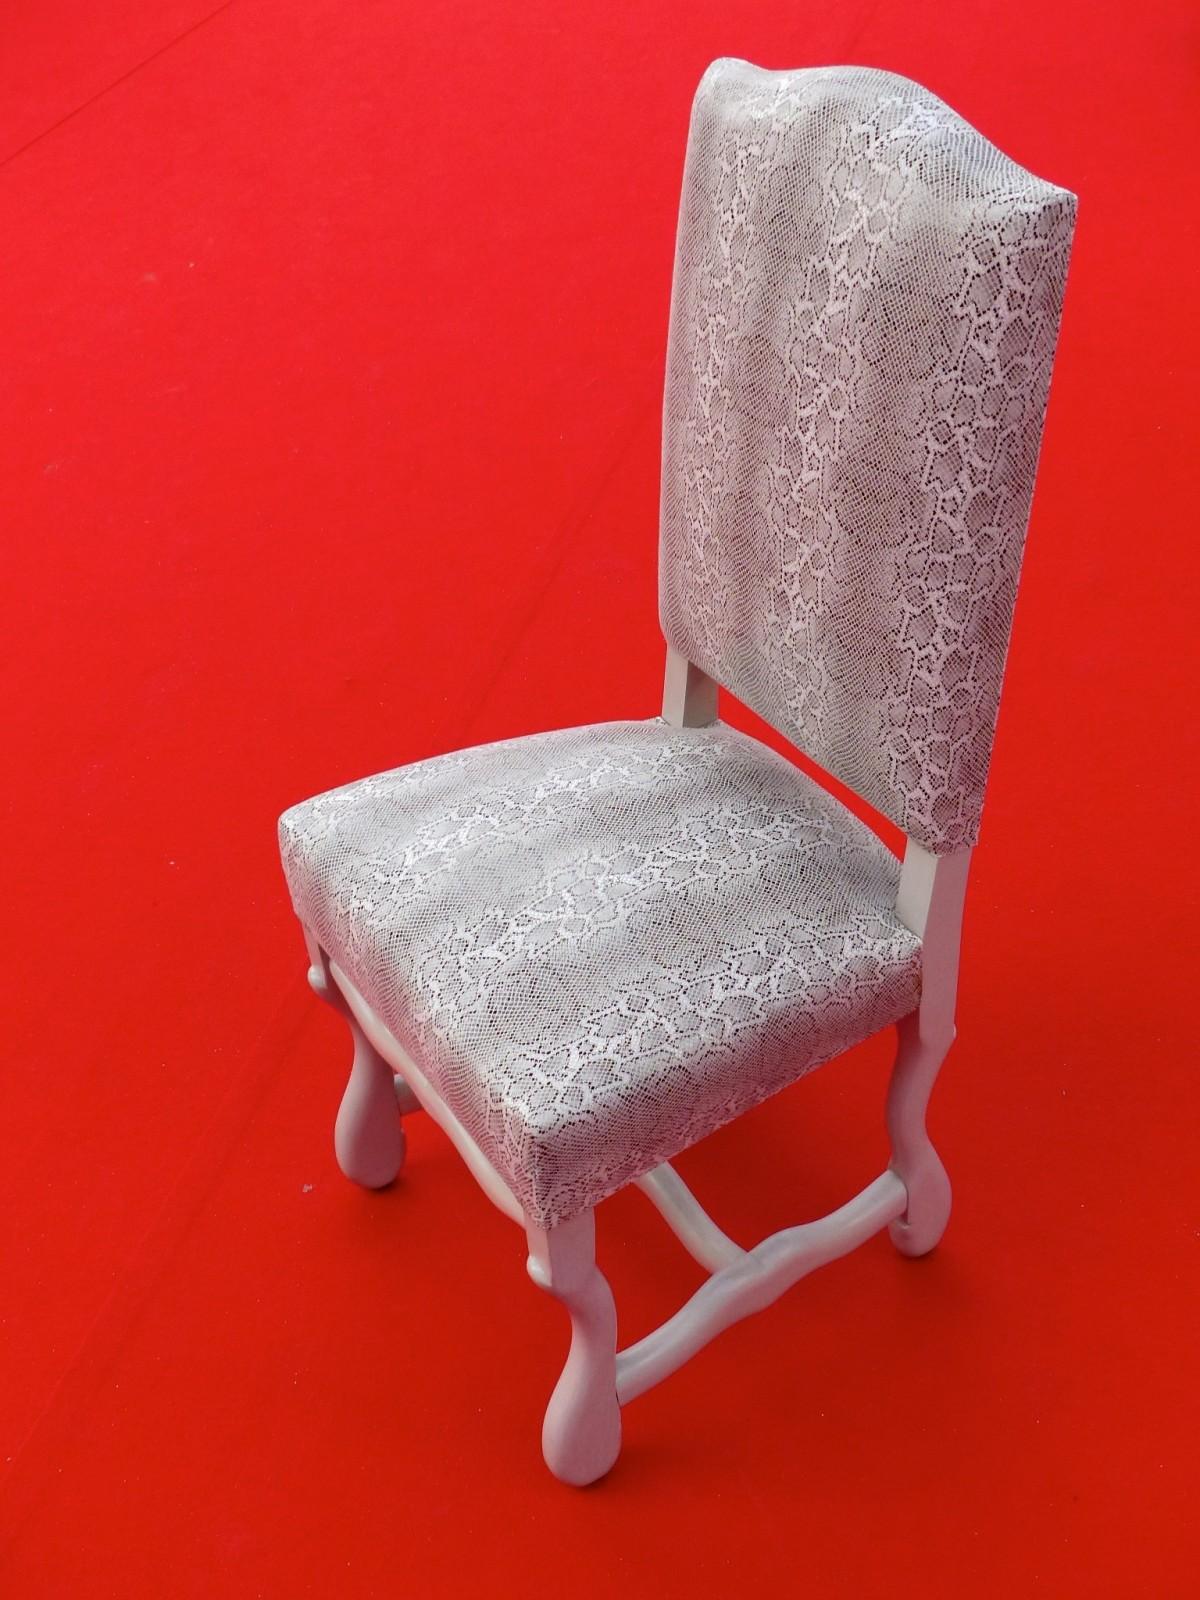 Gratuites chaise rouge meubles produit illustration